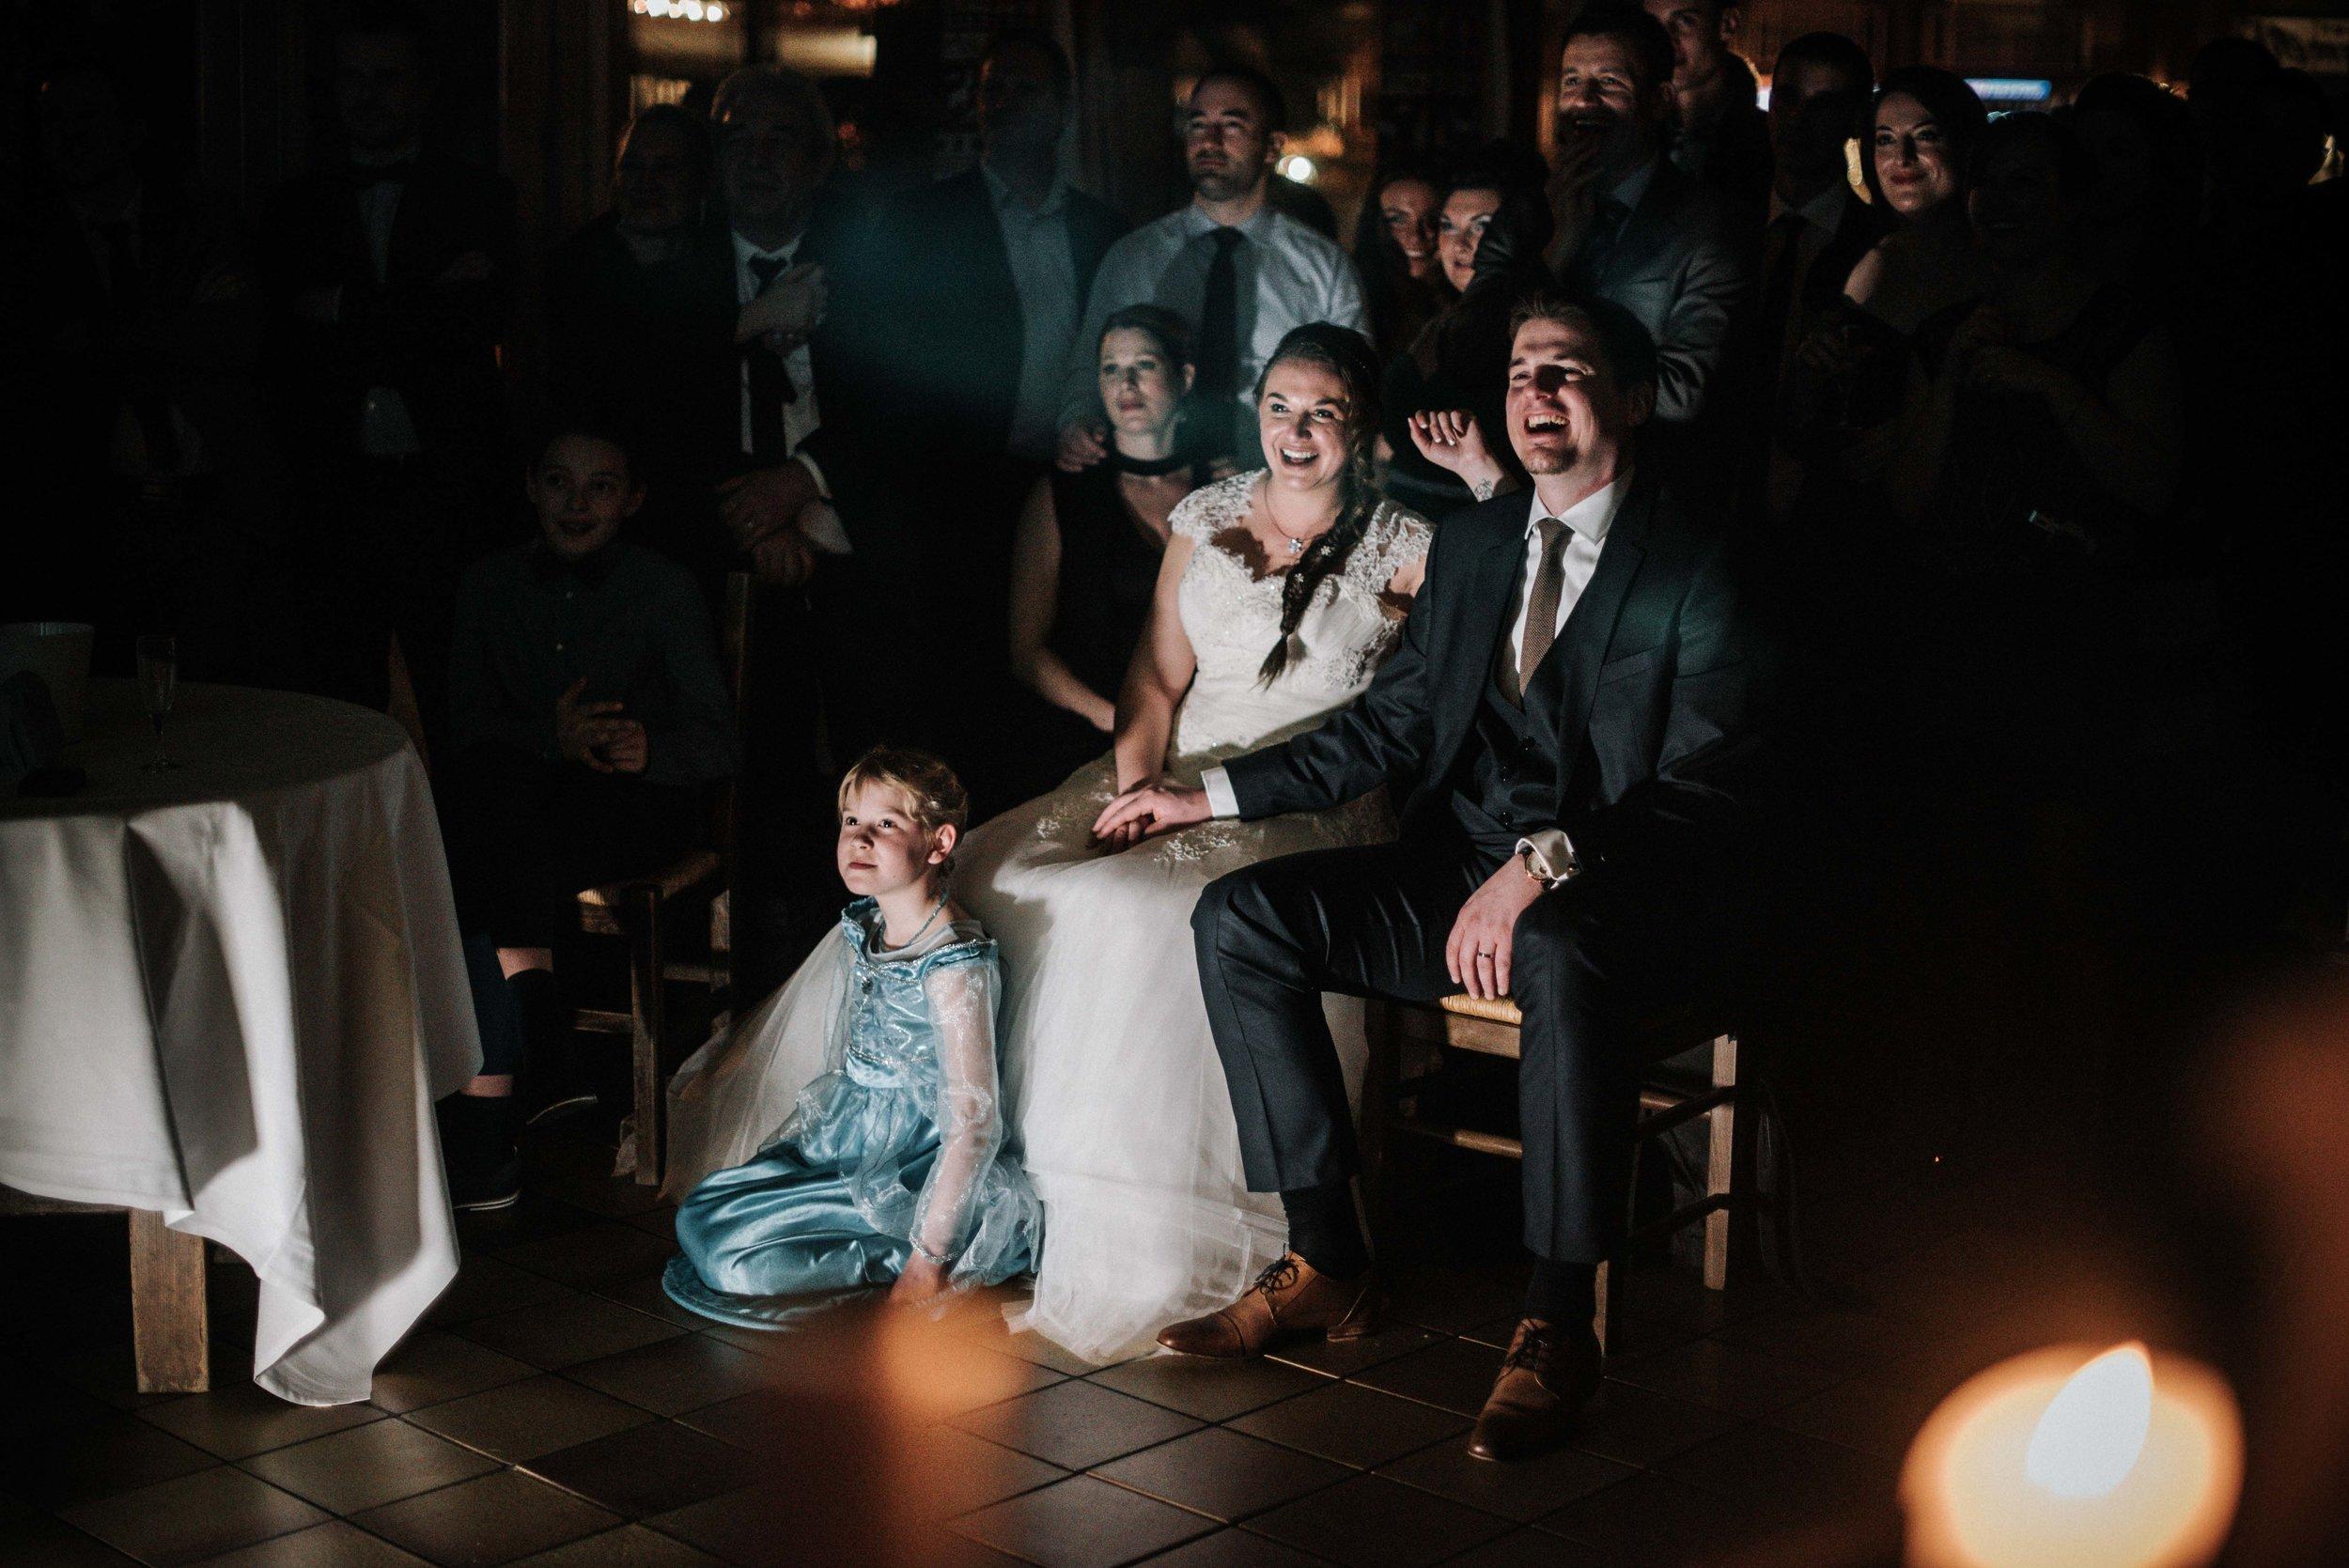 Léa-Fery-photographe-professionnel-lyon-rhone-alpes-portrait-mariage-couple-amour-lovesession-engagement-elopment-3252.jpg